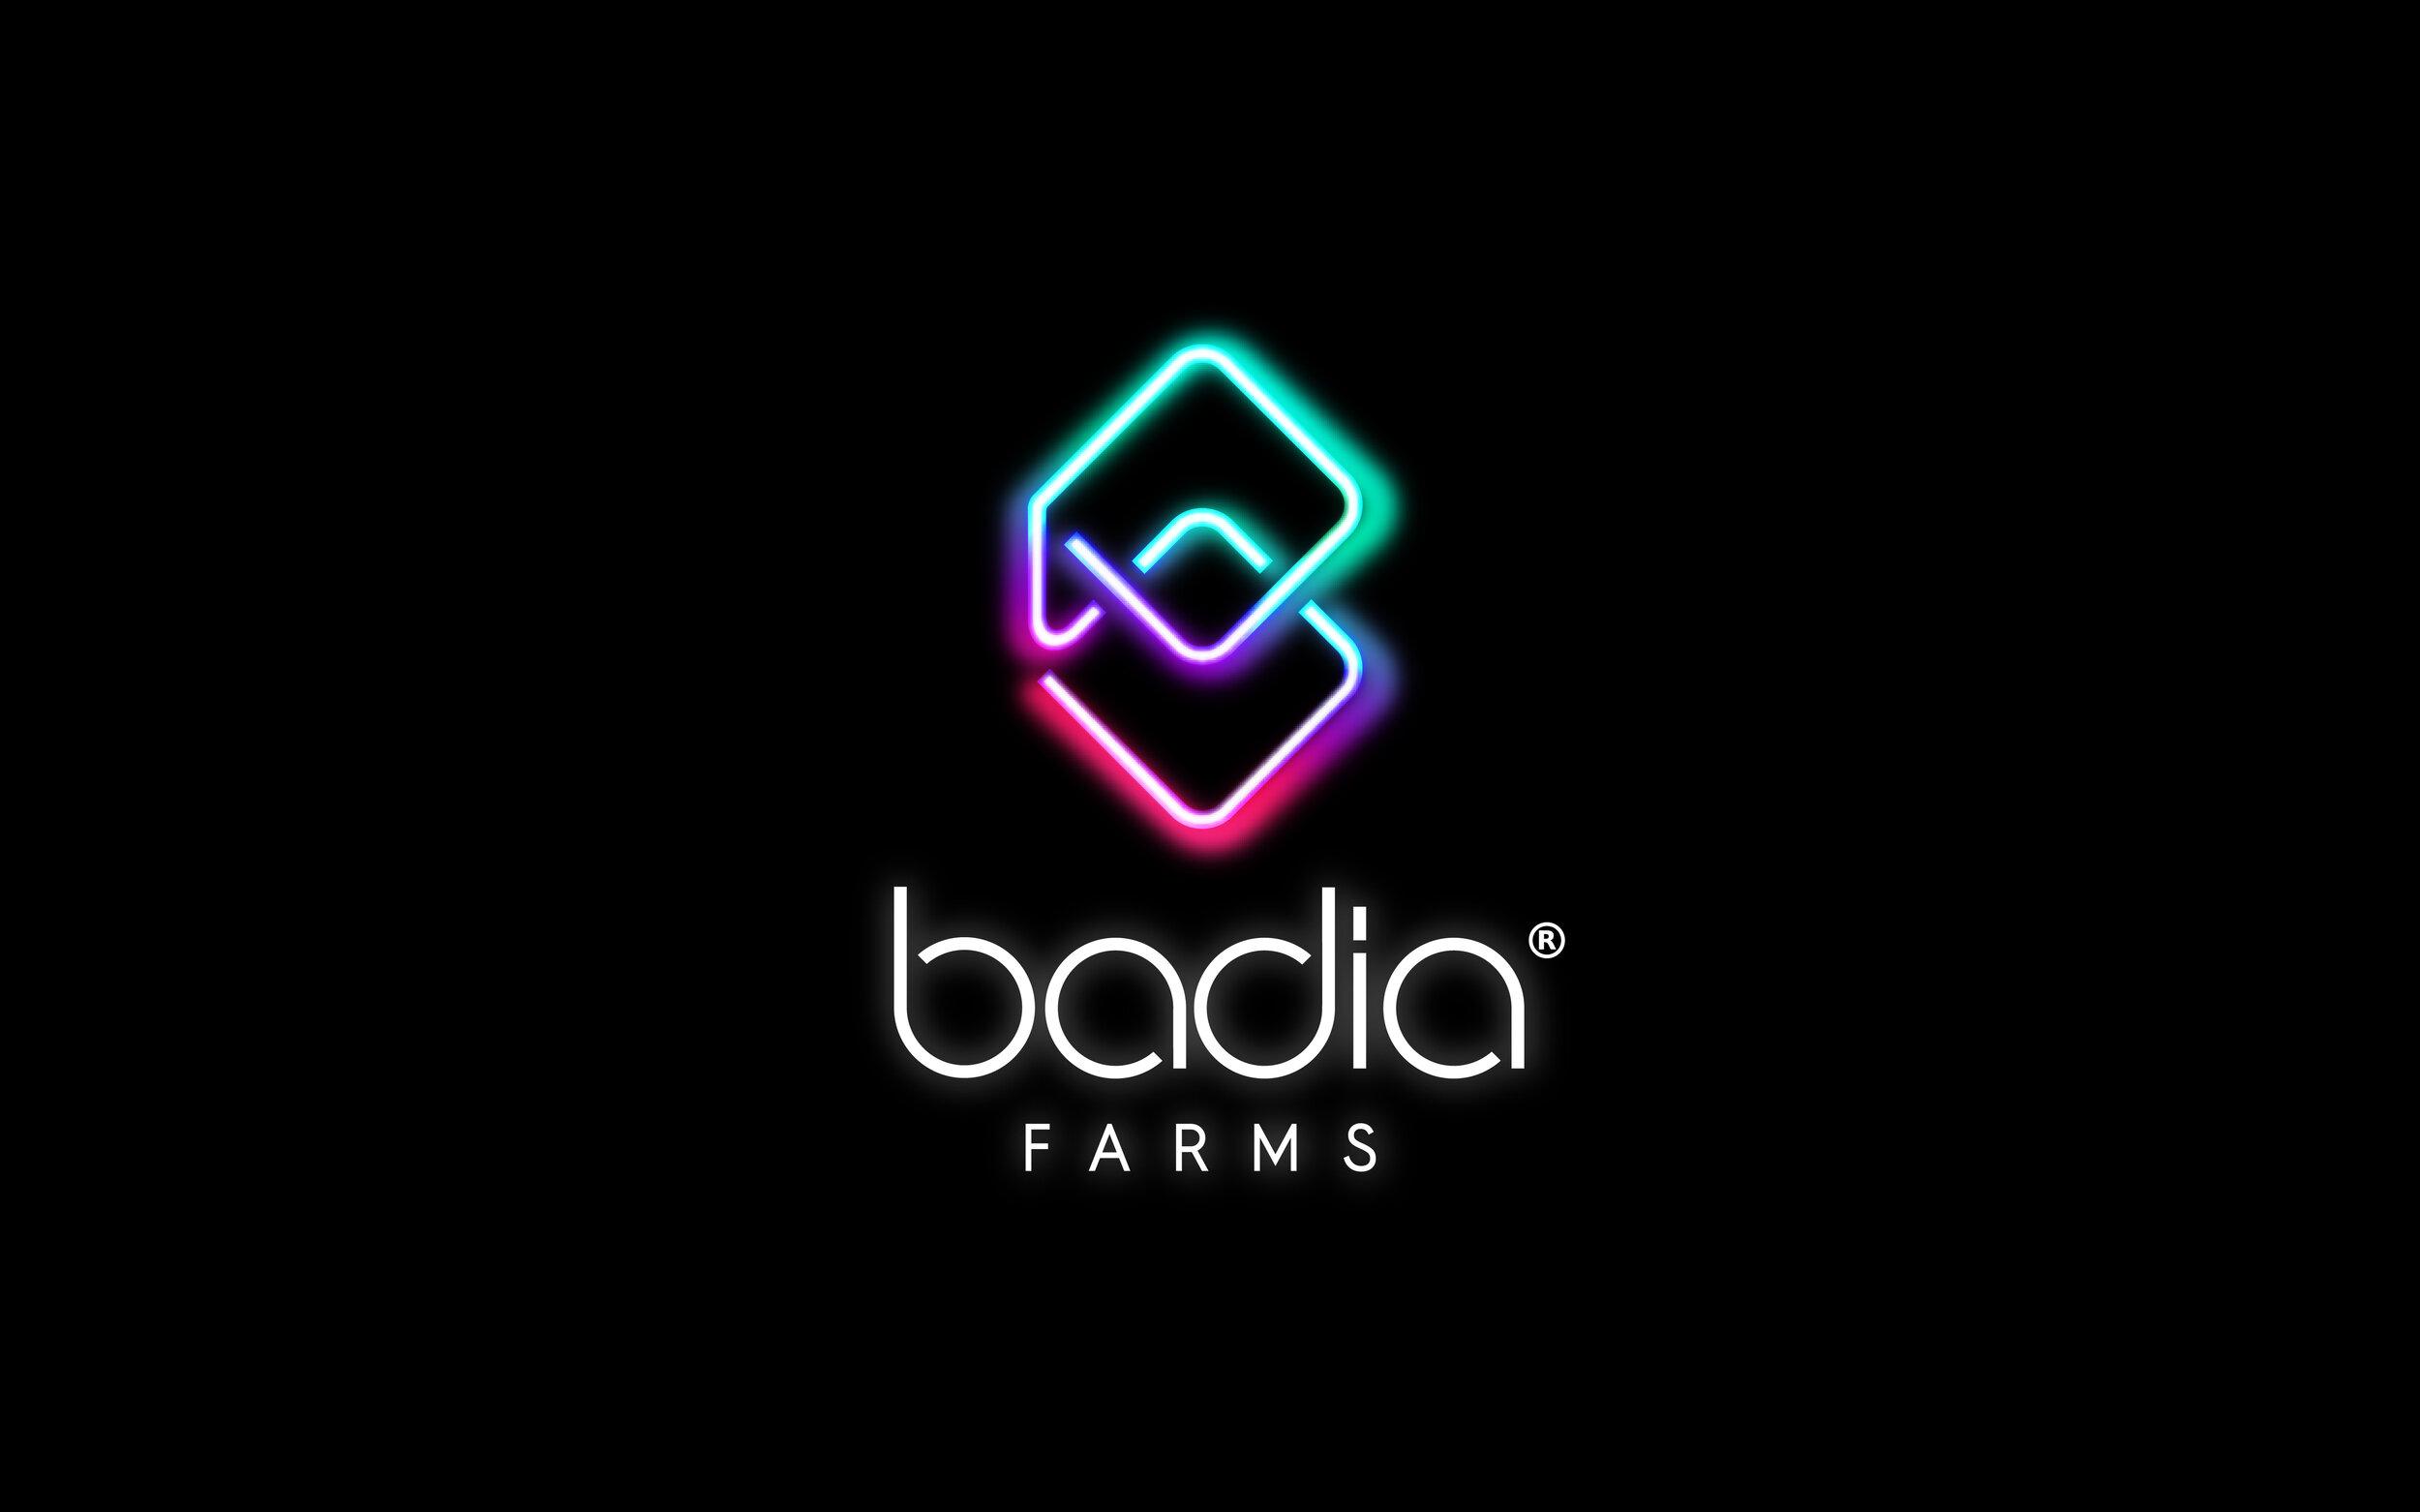 BADIA+FARMS